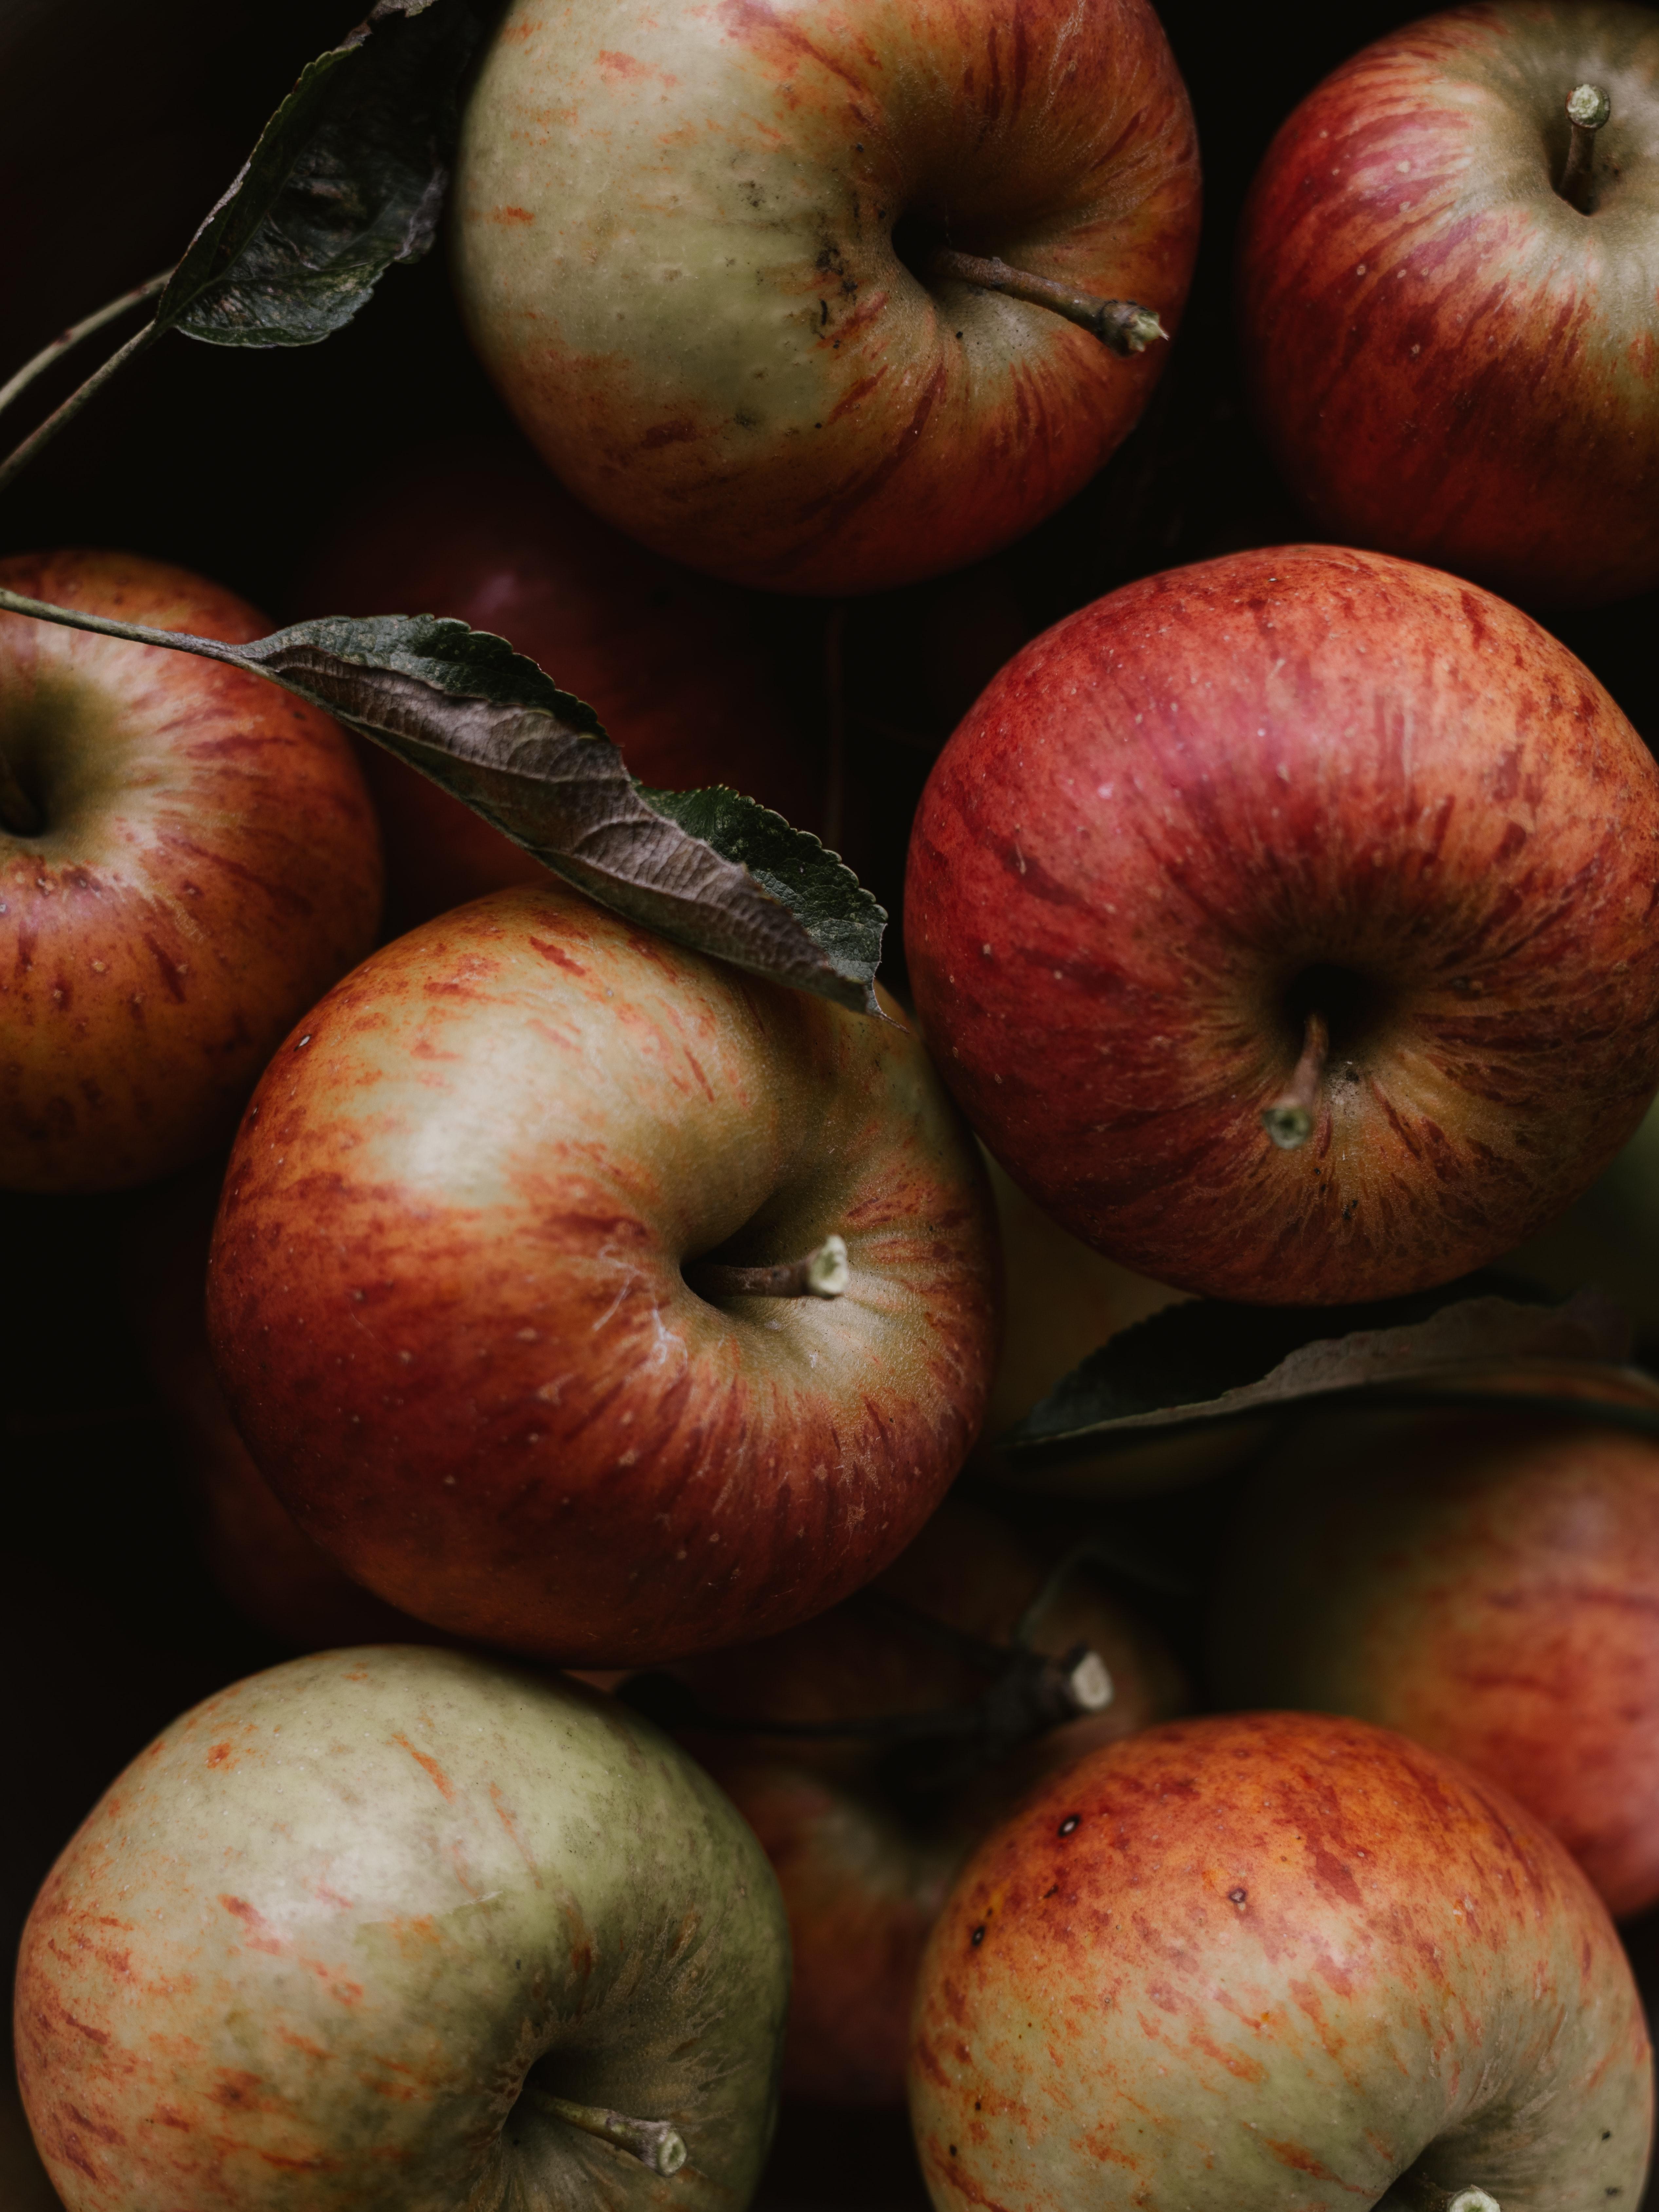 50563 скачать обои Яблоки, Фрукты, Еда, Листья, Красный - заставки и картинки бесплатно